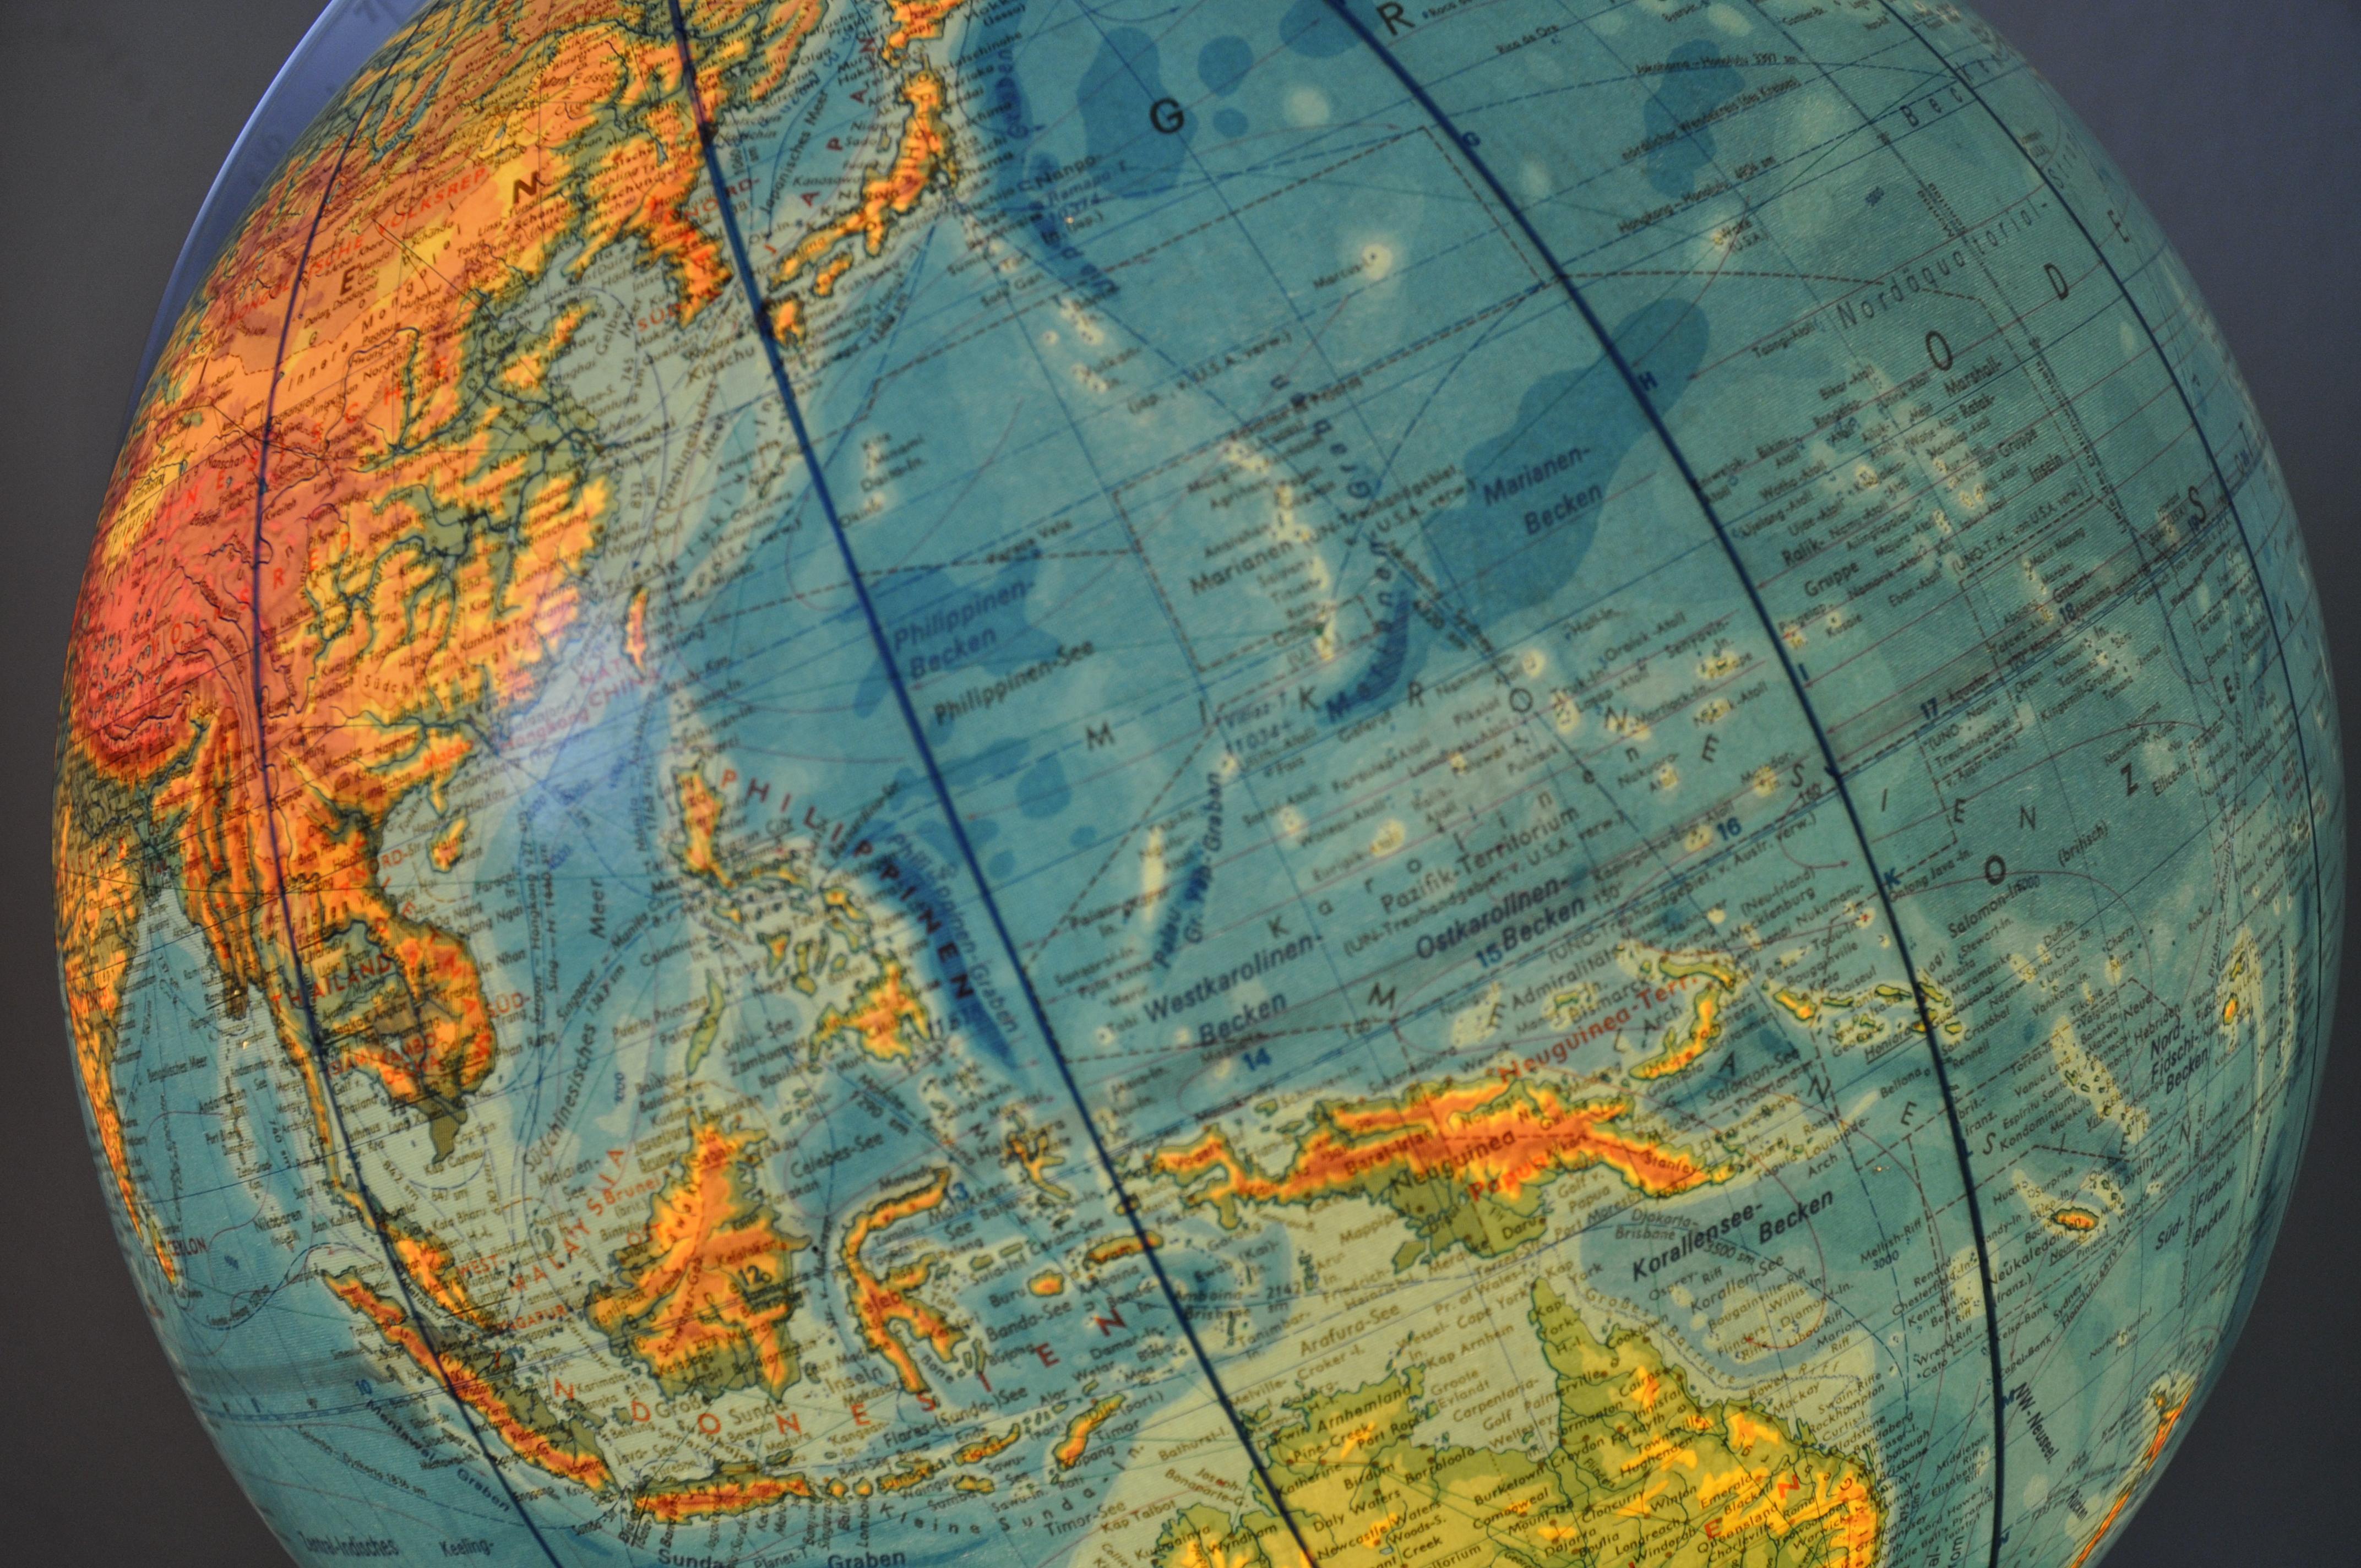 Mikronesien liegt südlich von Japan, zwischen den Philippinen und Papua Neuguinea. Es besteht aus tausenden von Atollen und Inseln. Auf dem antiken Globus des Grossvaters ist noch das ehemalige Verwaltungsgebiet der USA eingezeichnet.